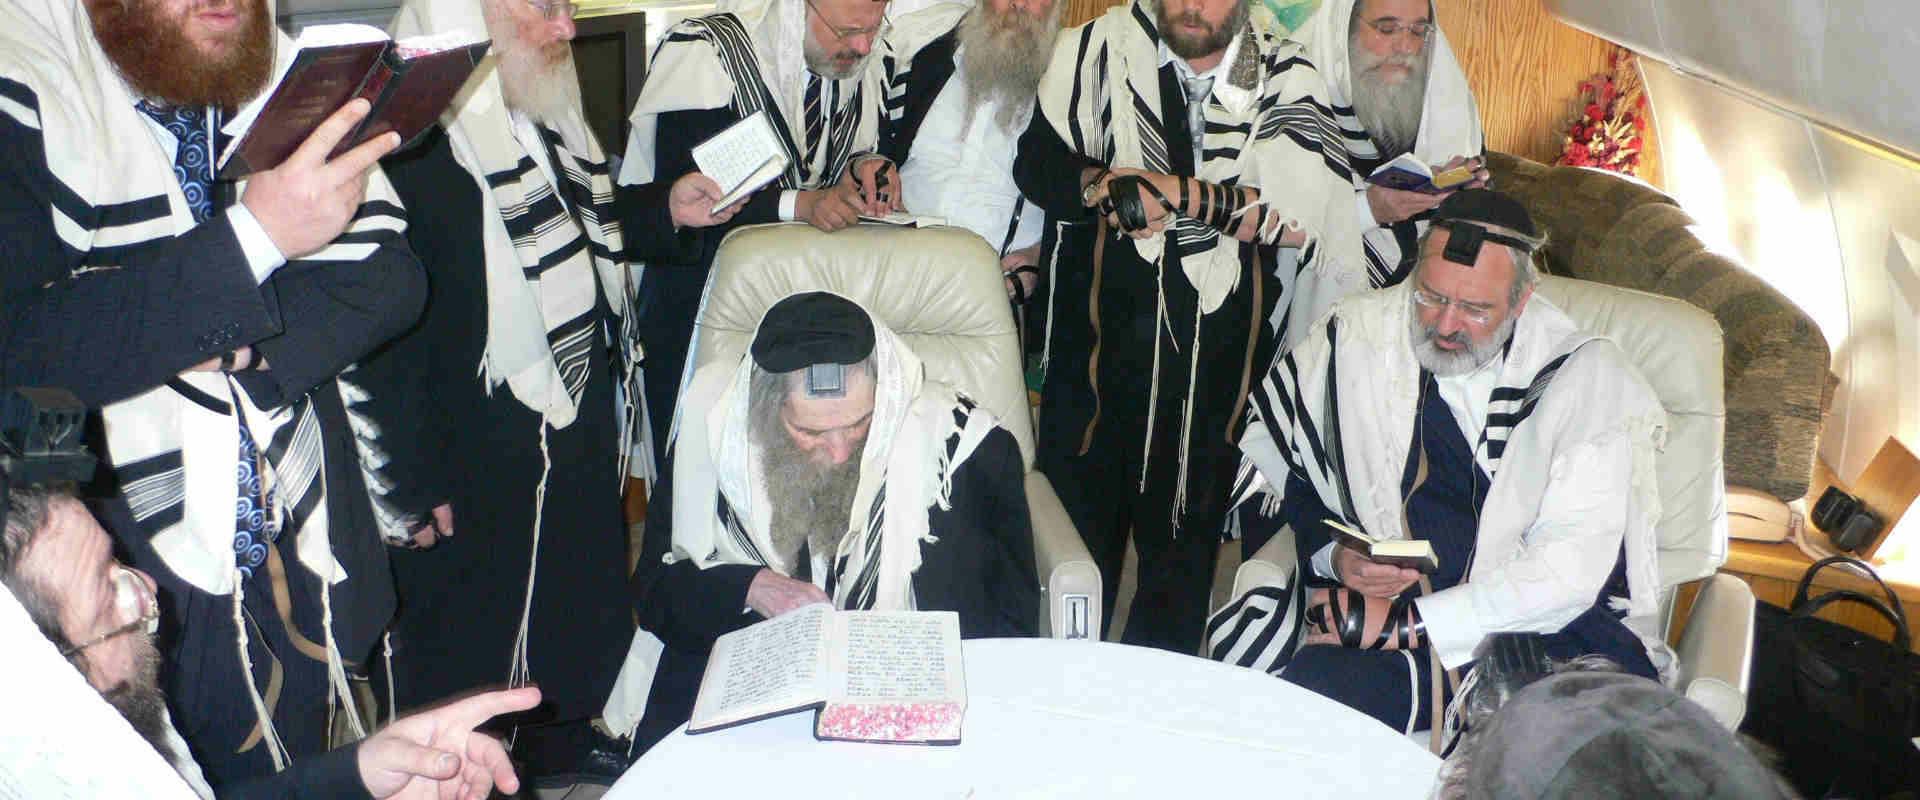 שמעון גליק יושב לצד הרב שטיינמן בתפילה במטוסו הפרט